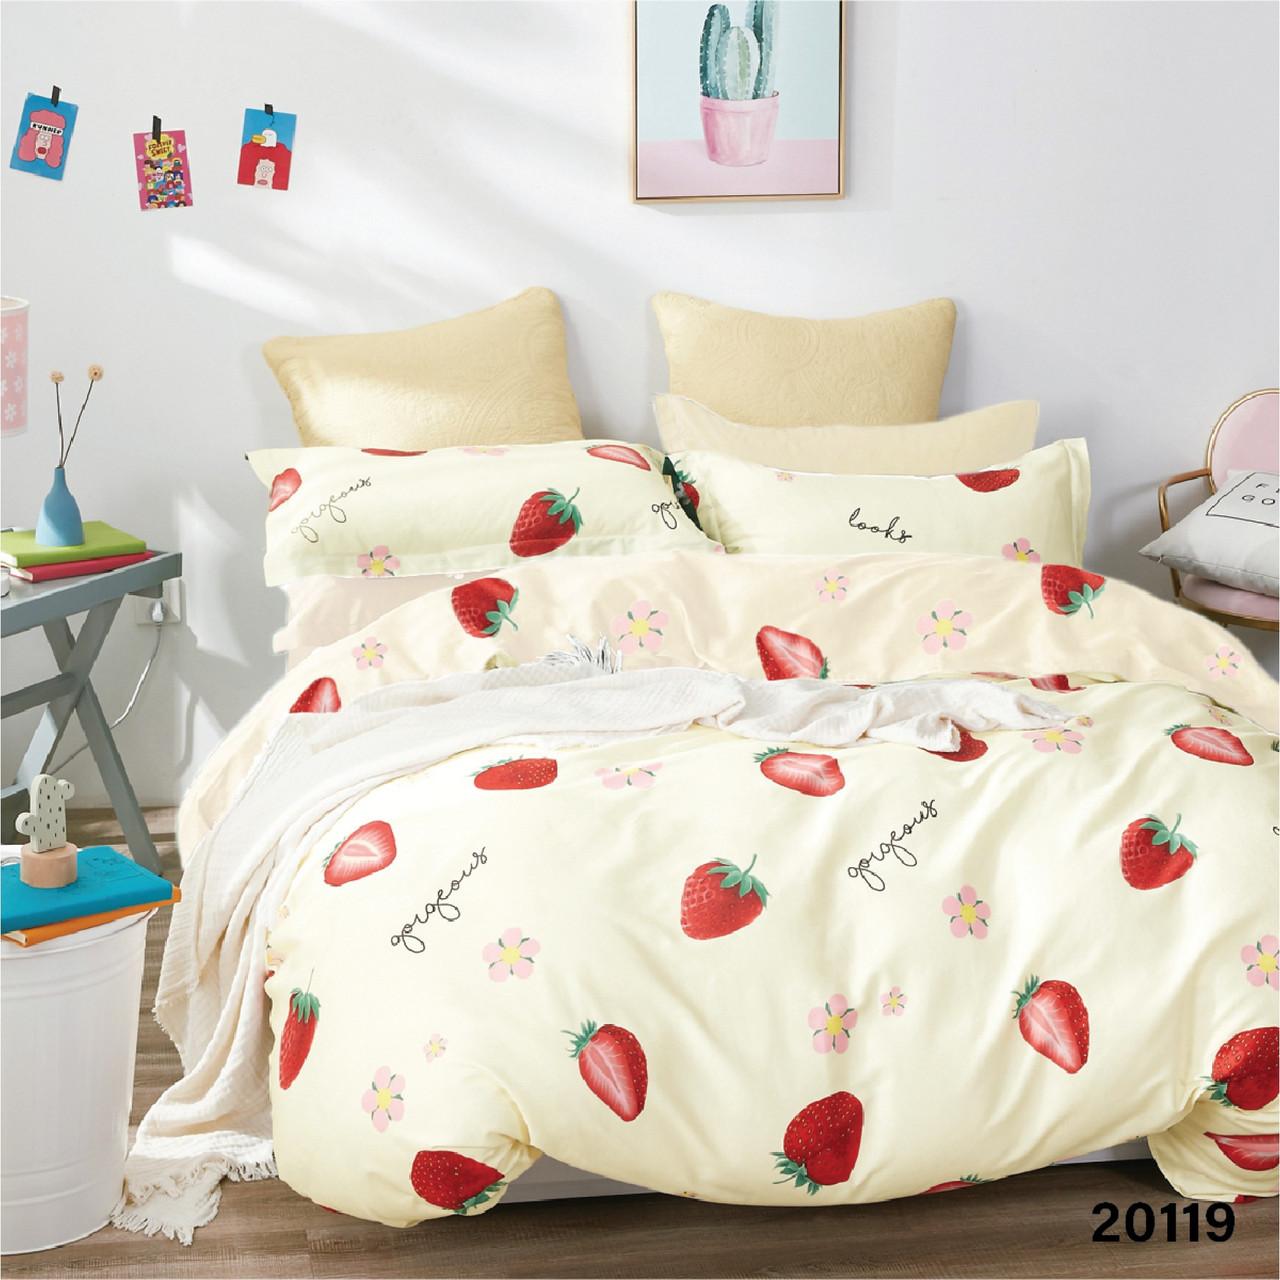 Комплект постельного белья подростковый ранфорс 20119 ТМ Вилюта